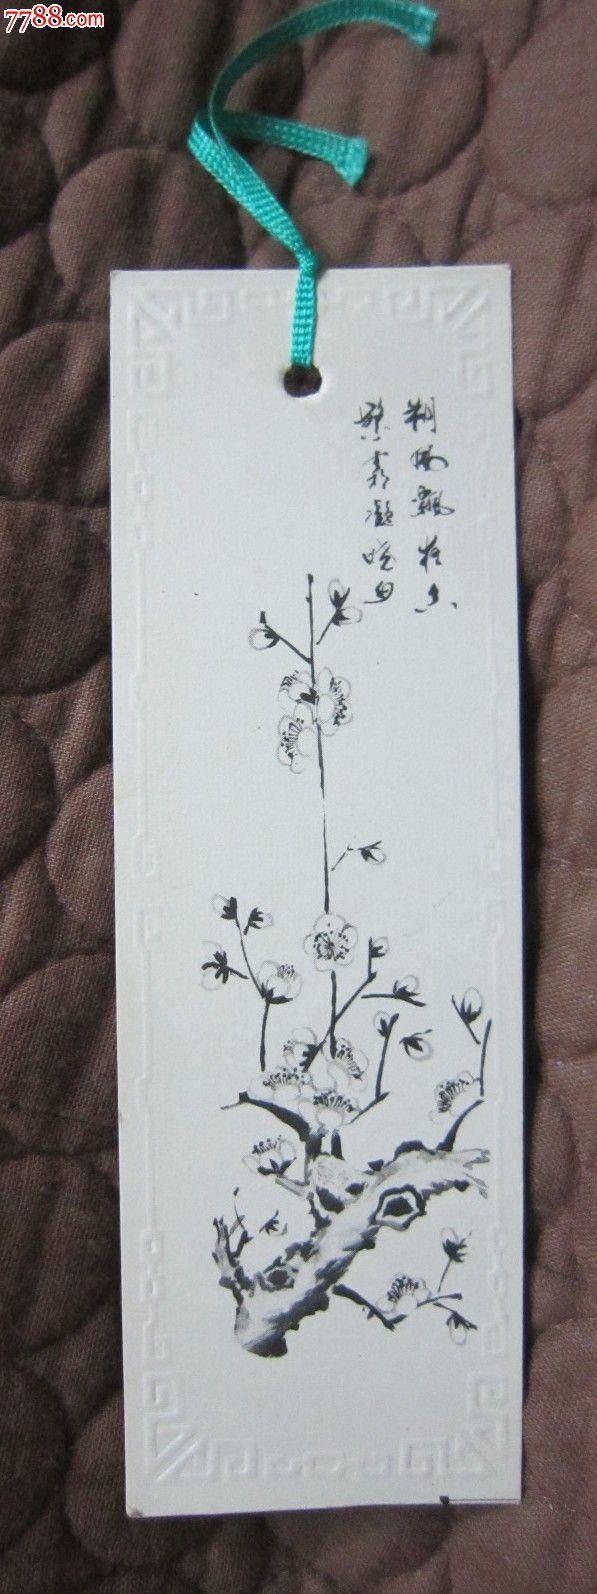 动物国画书签(hh:120.1)_价格元_第1张_中国收藏热线